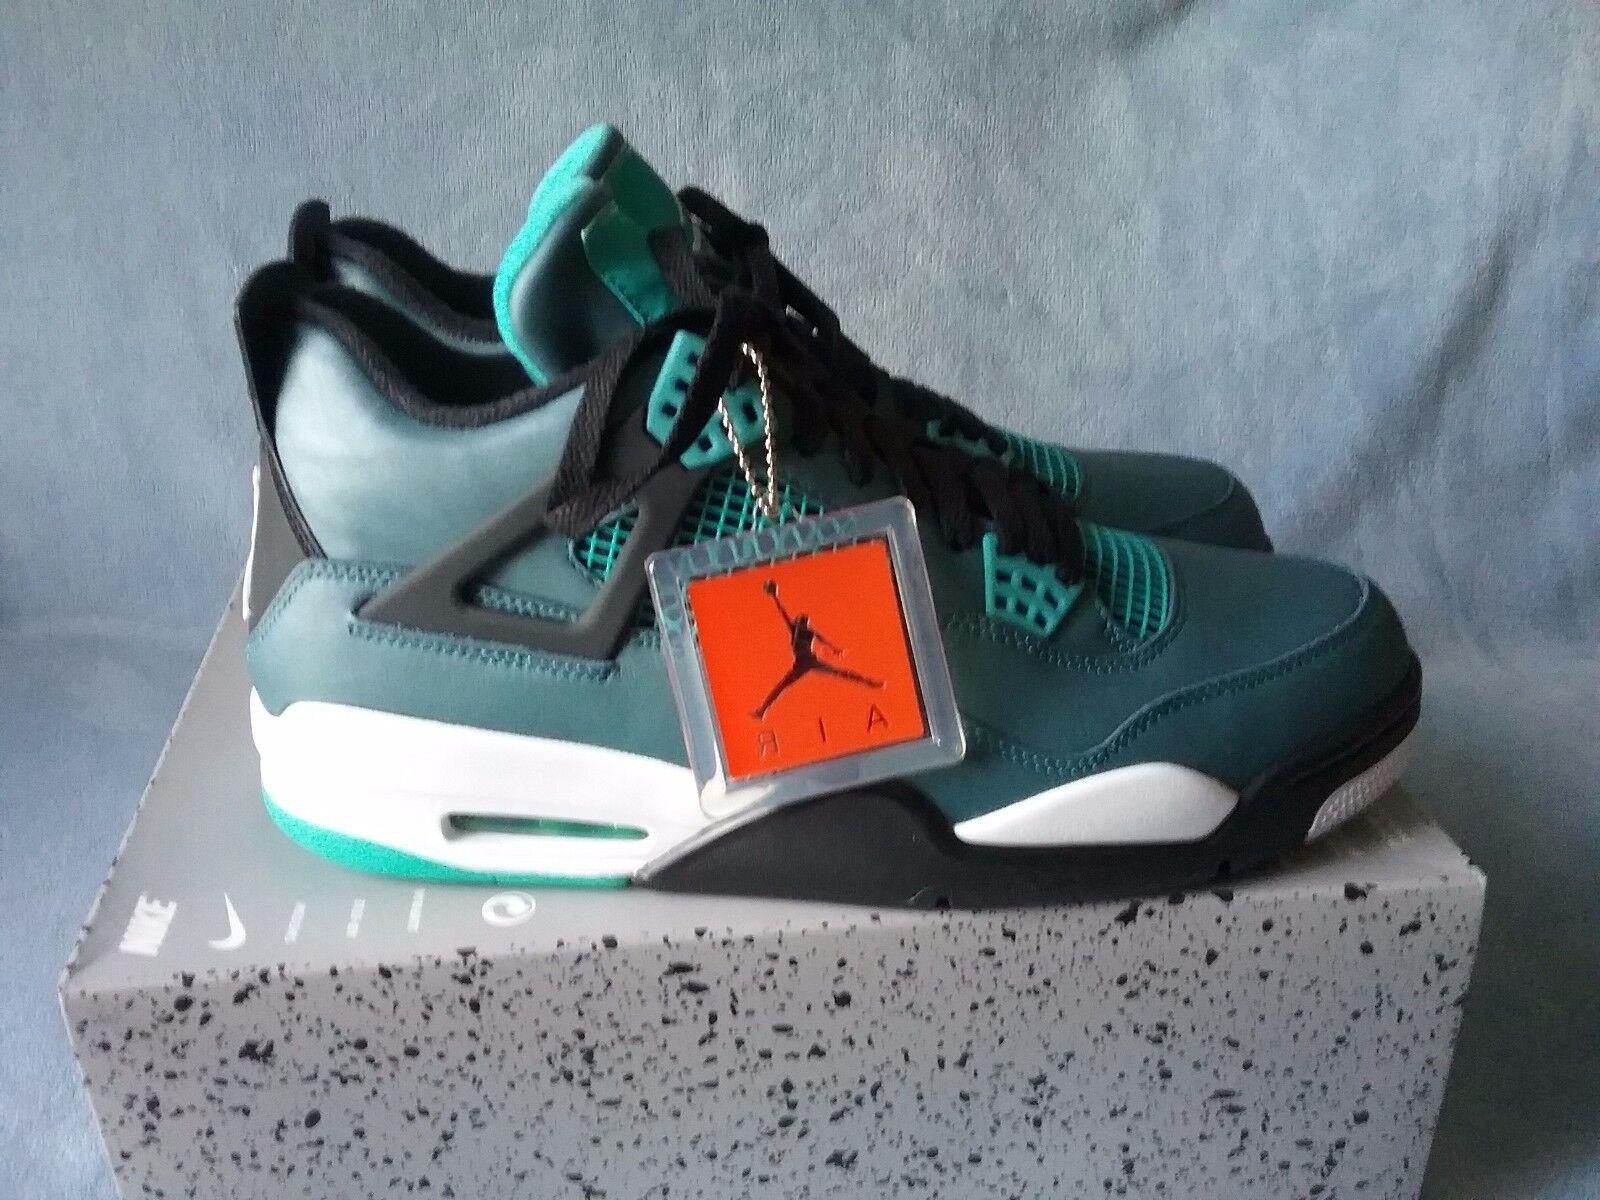 Men's Nike Air Jordan 4 Retro Teal  705331-330  11.5